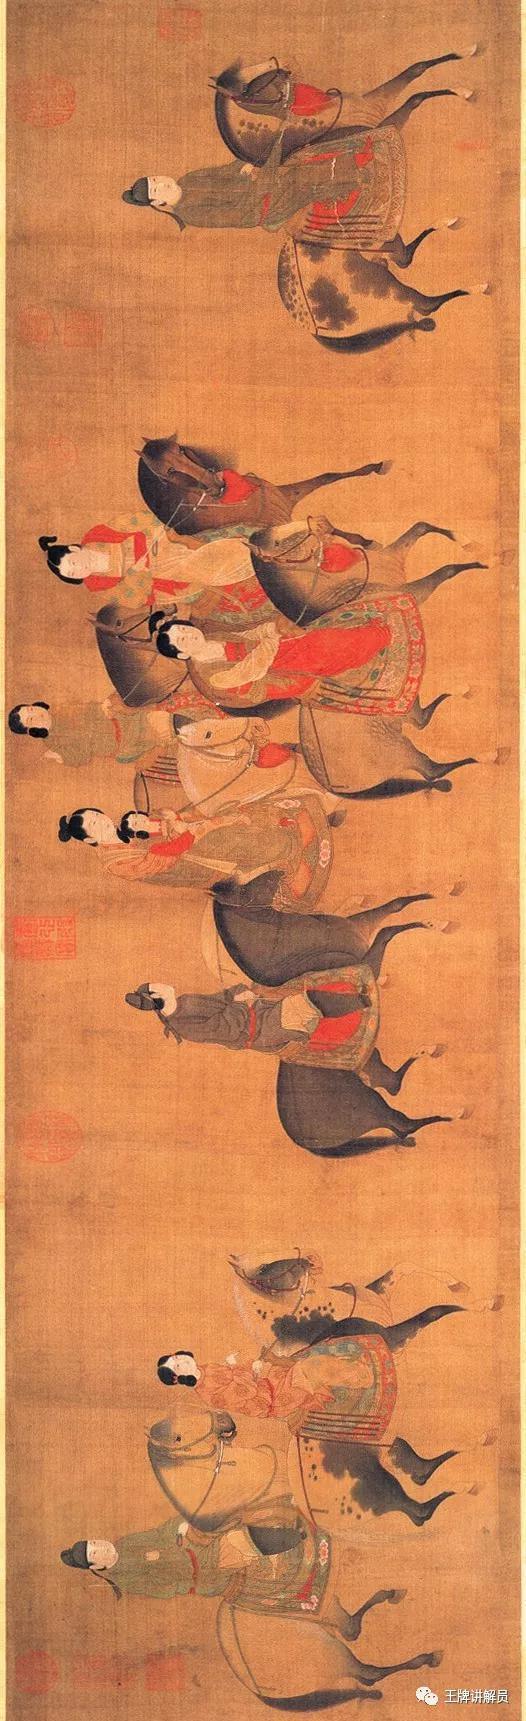 佚名《丽人行图》,明代